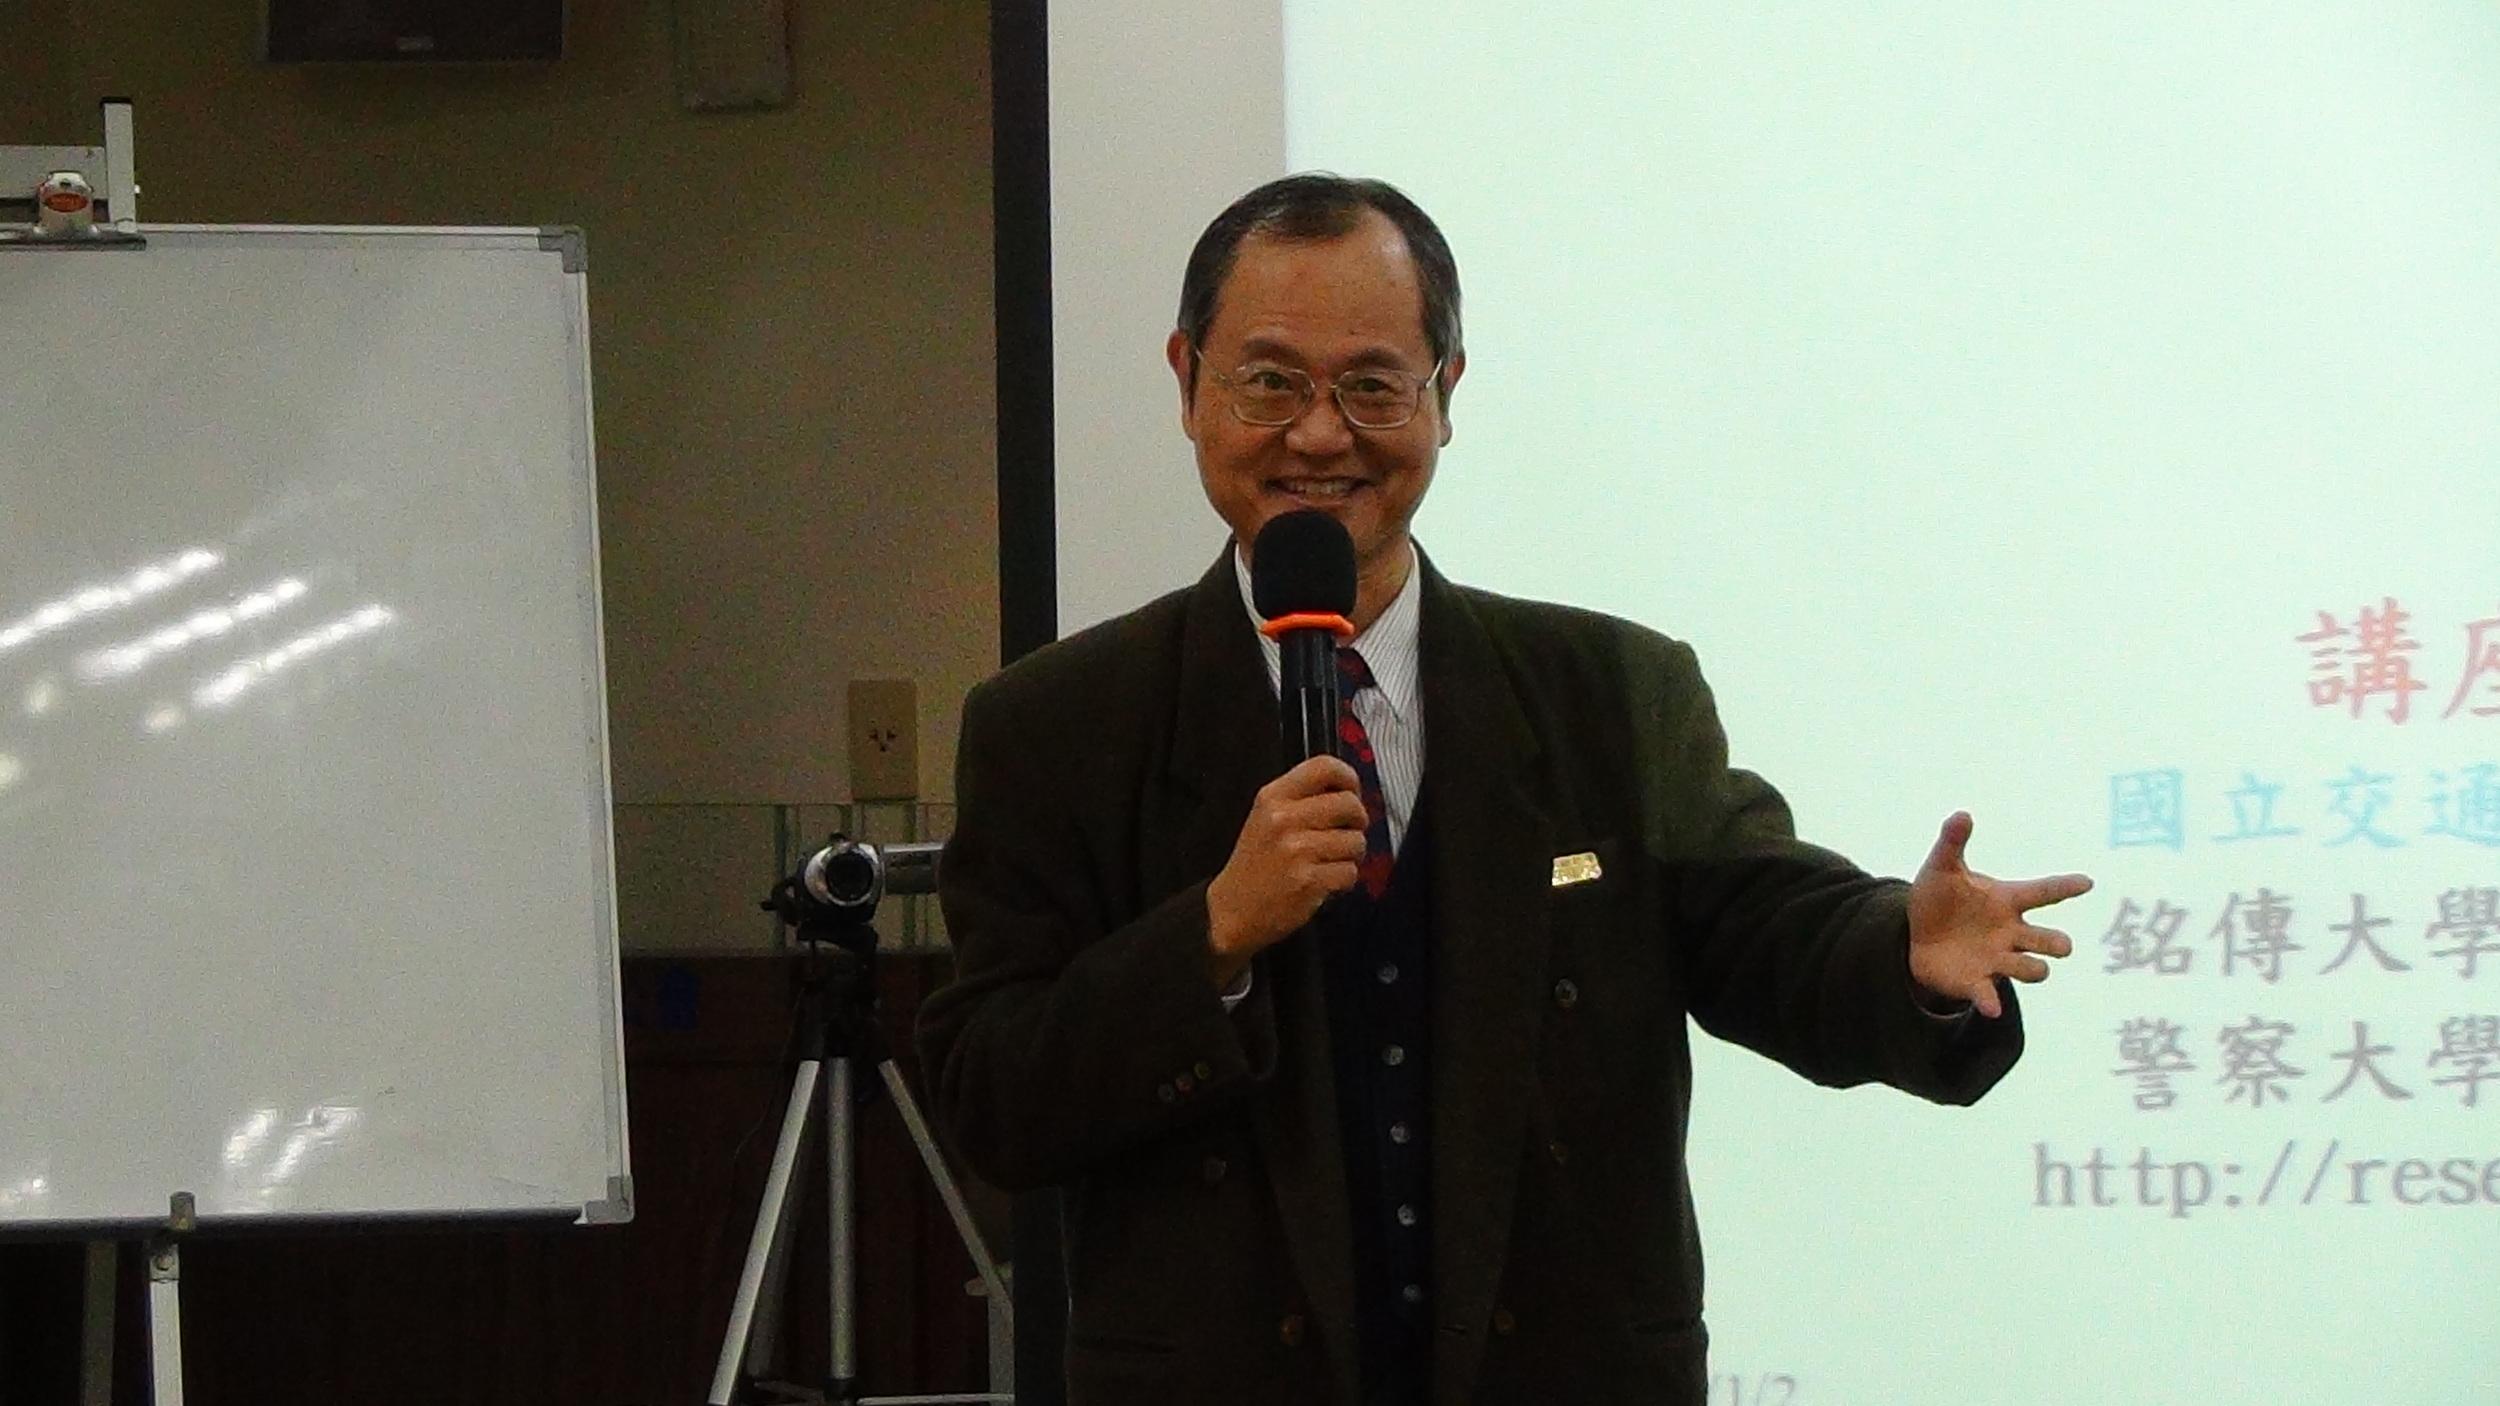 唐雲明教授2.JPG